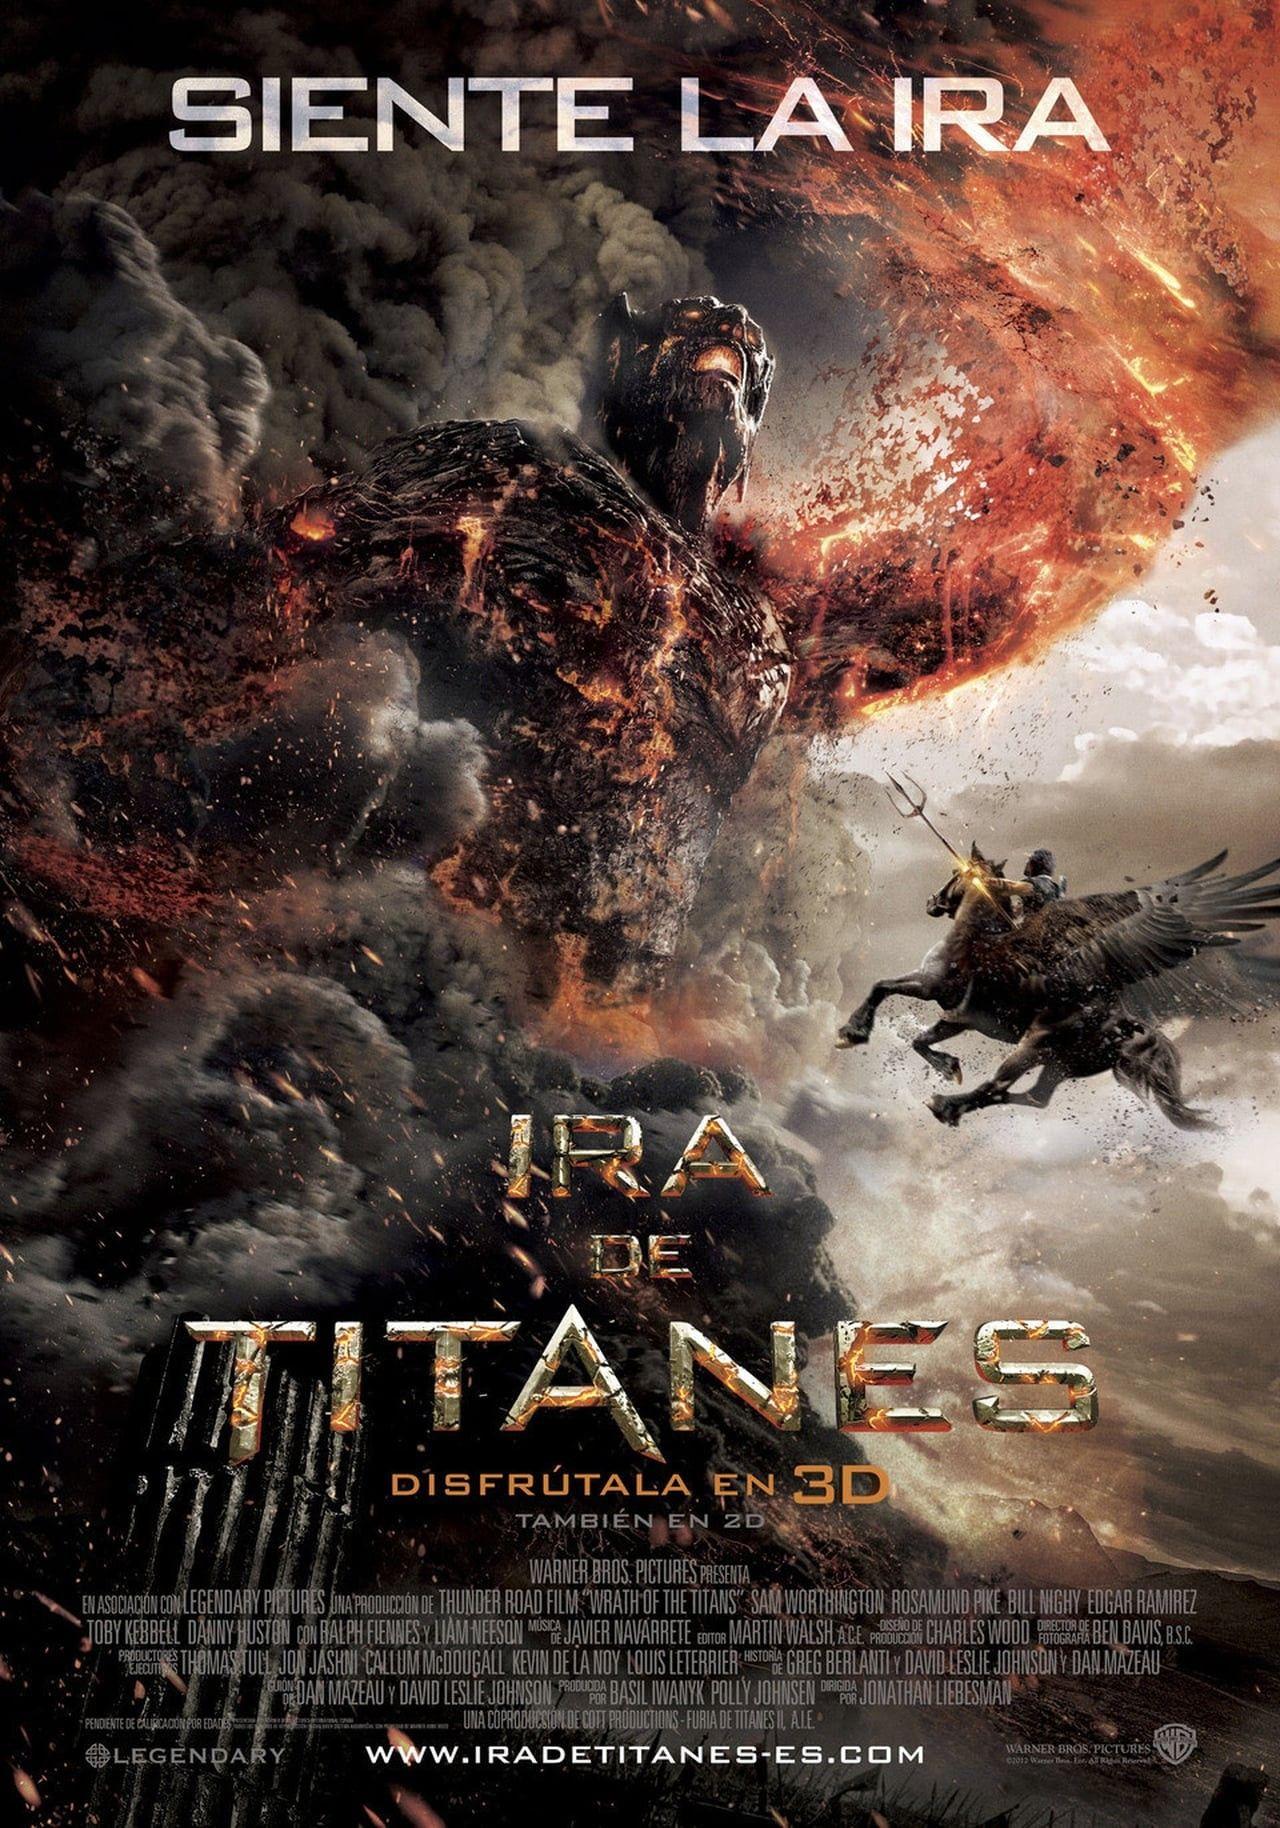 Ira De Titanes 2012 Ira De Titanes Furia De Titanes 2 Furia De Titanes